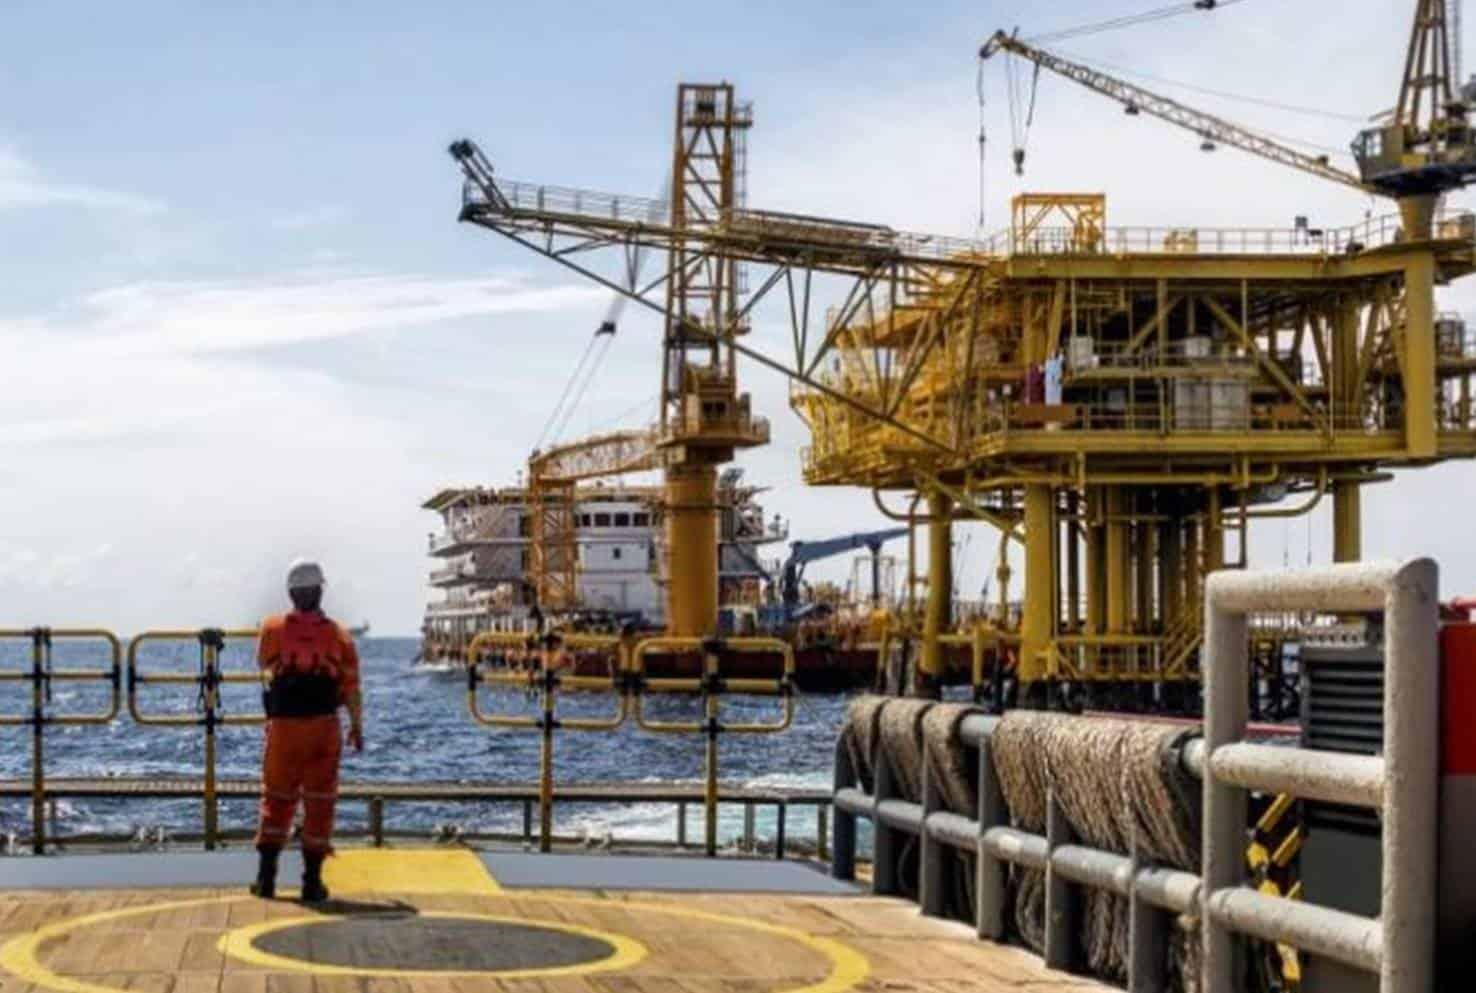 Como Trabalhar embarcado em Plataformas de Petróleo e Gás